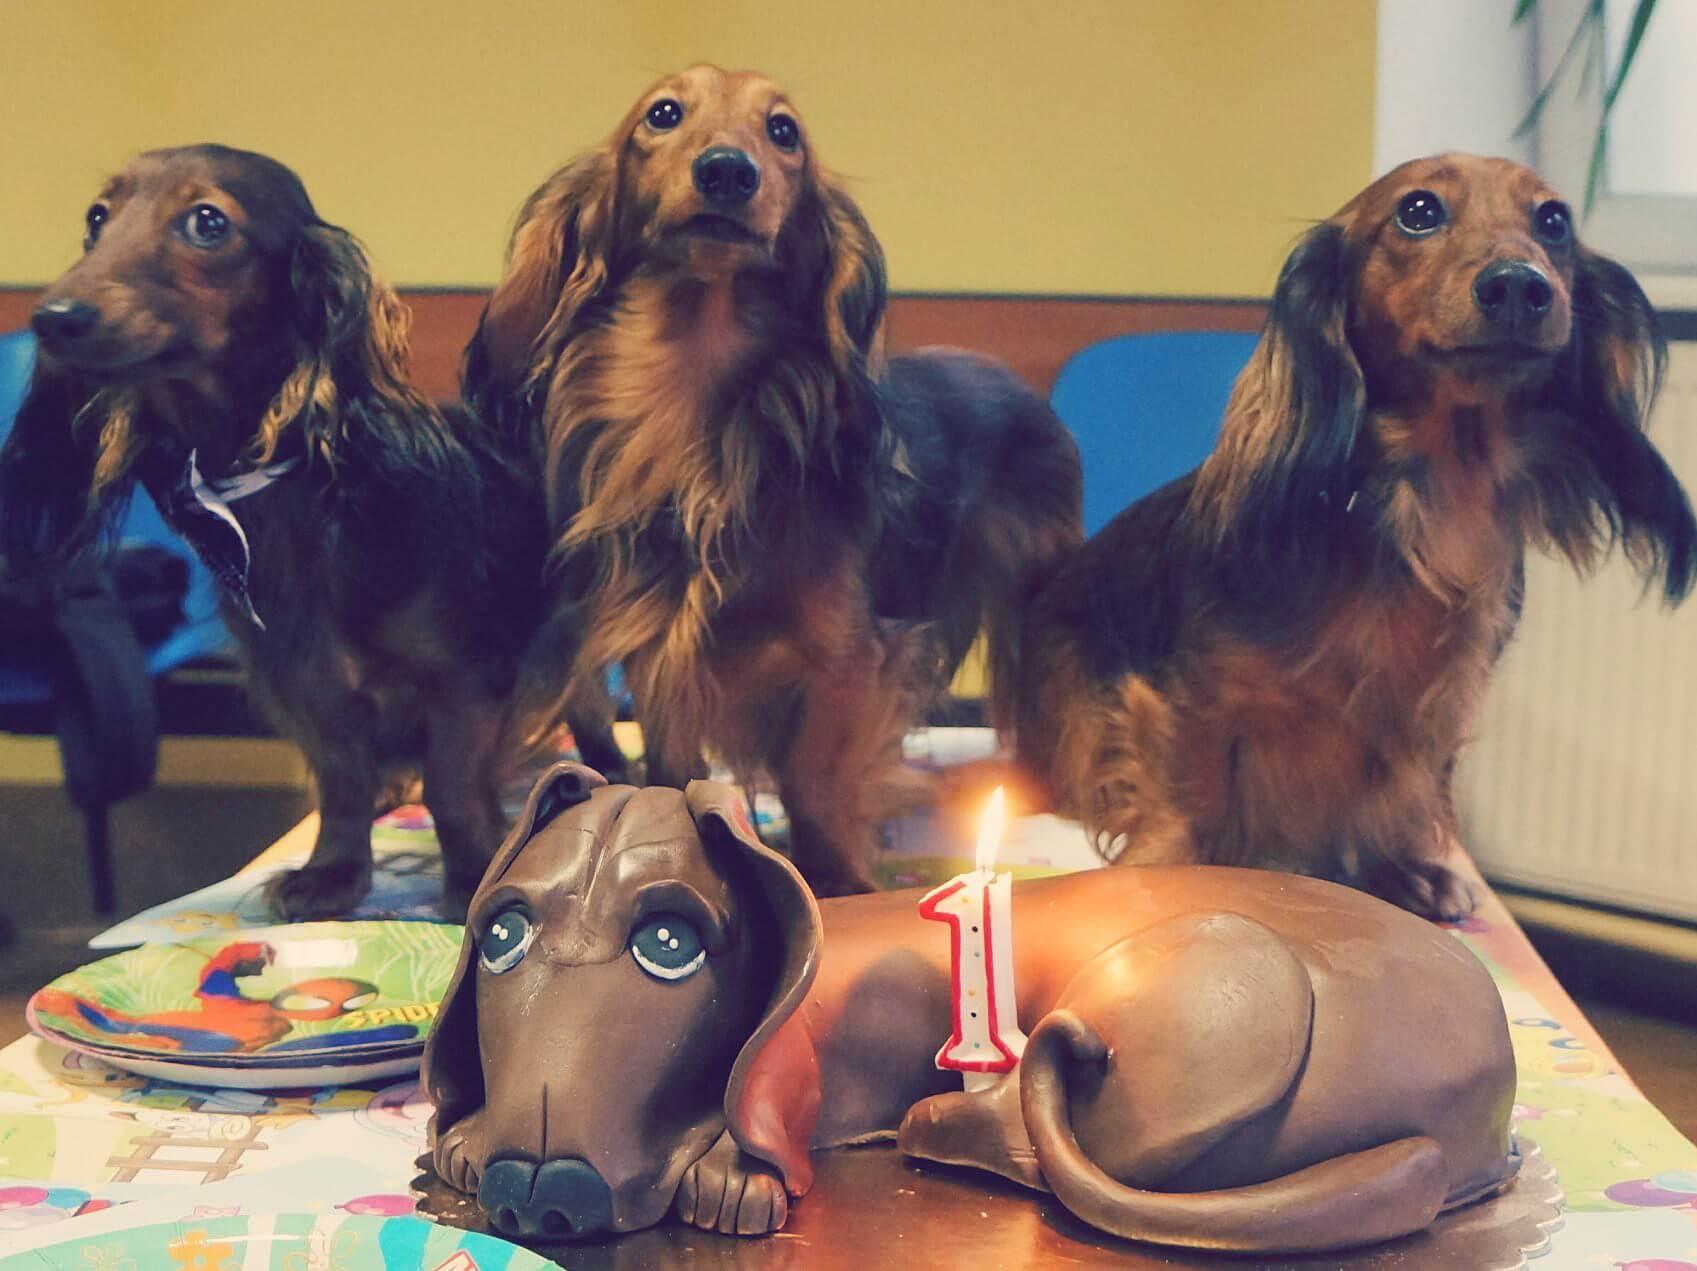 Piesia nie jest taką egoistką, na jaką wygląda i na swoją imprezę zaprosiła bezdomne, głodne jamniki.